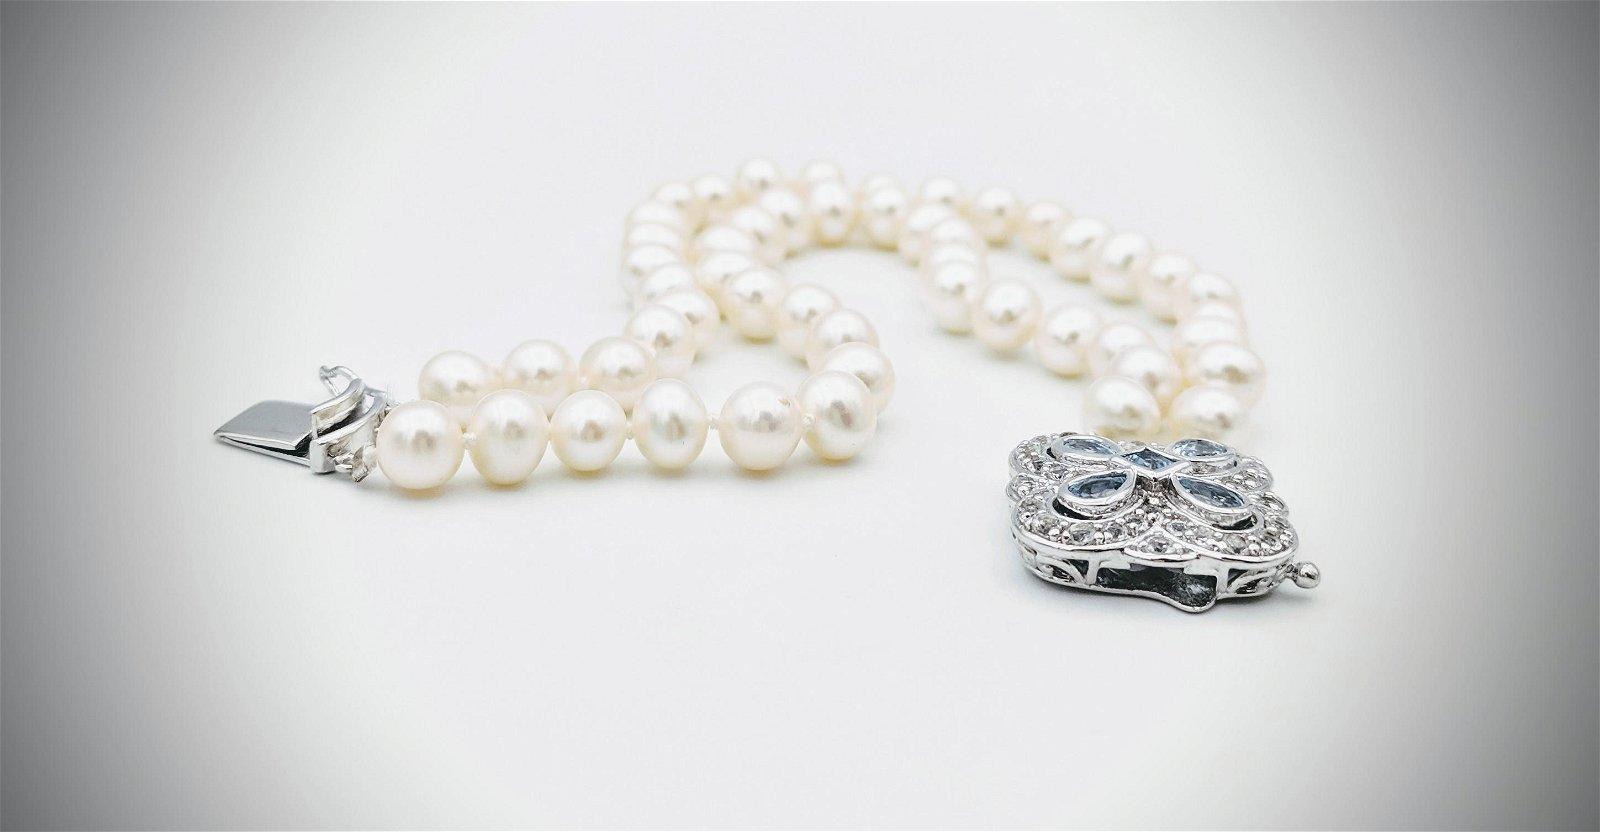 Double Stranded Pearl Bracelet w Aquamarine & CZ Clasp